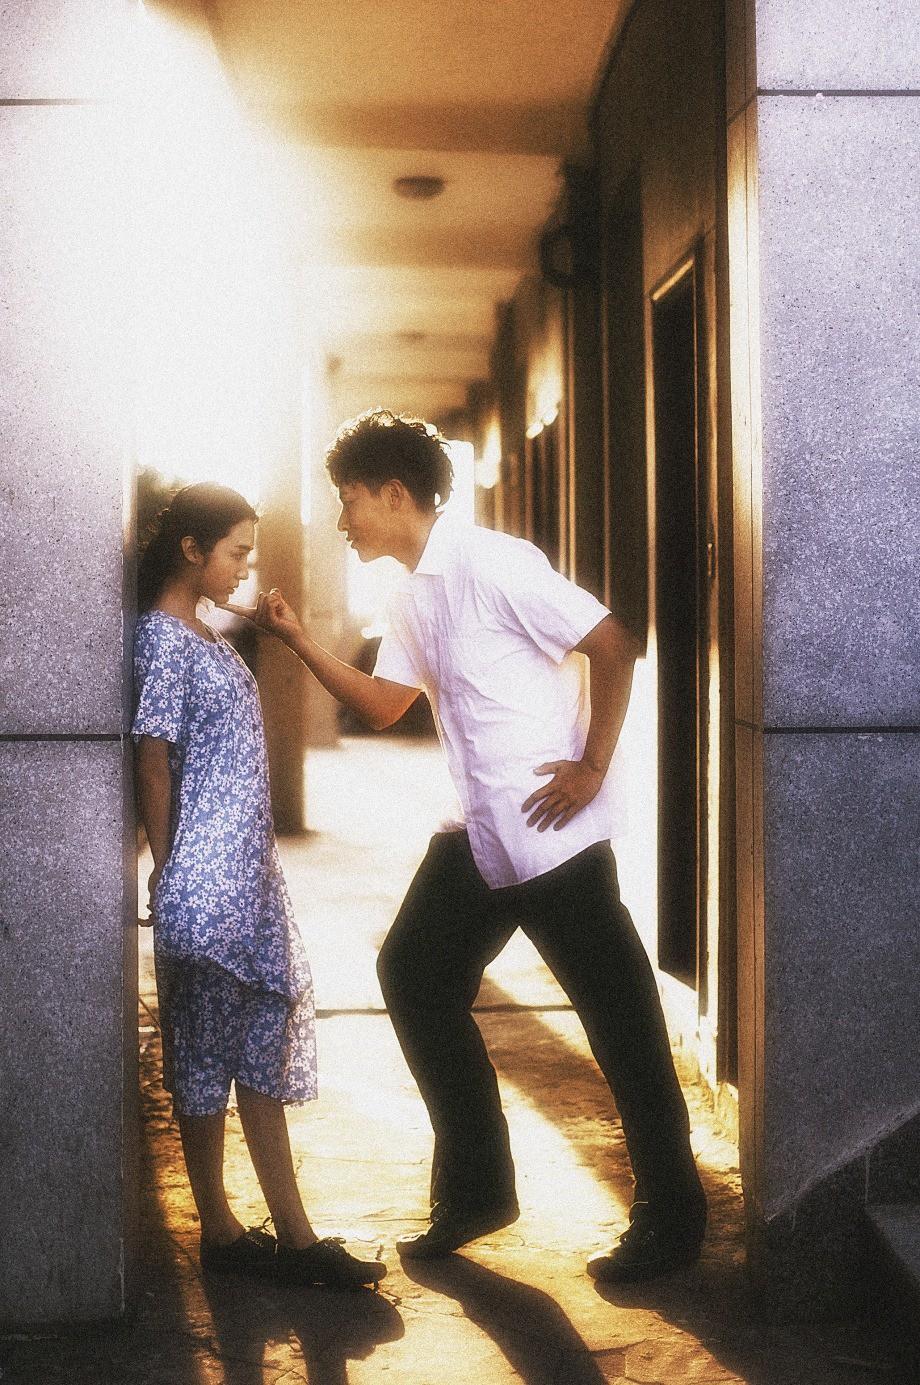 Bộ ảnh film đậm màu sắc một nghìn chín trăm hồi đó kể chuyện tình đơn sơ của bố mẹ mình - Ảnh 8.